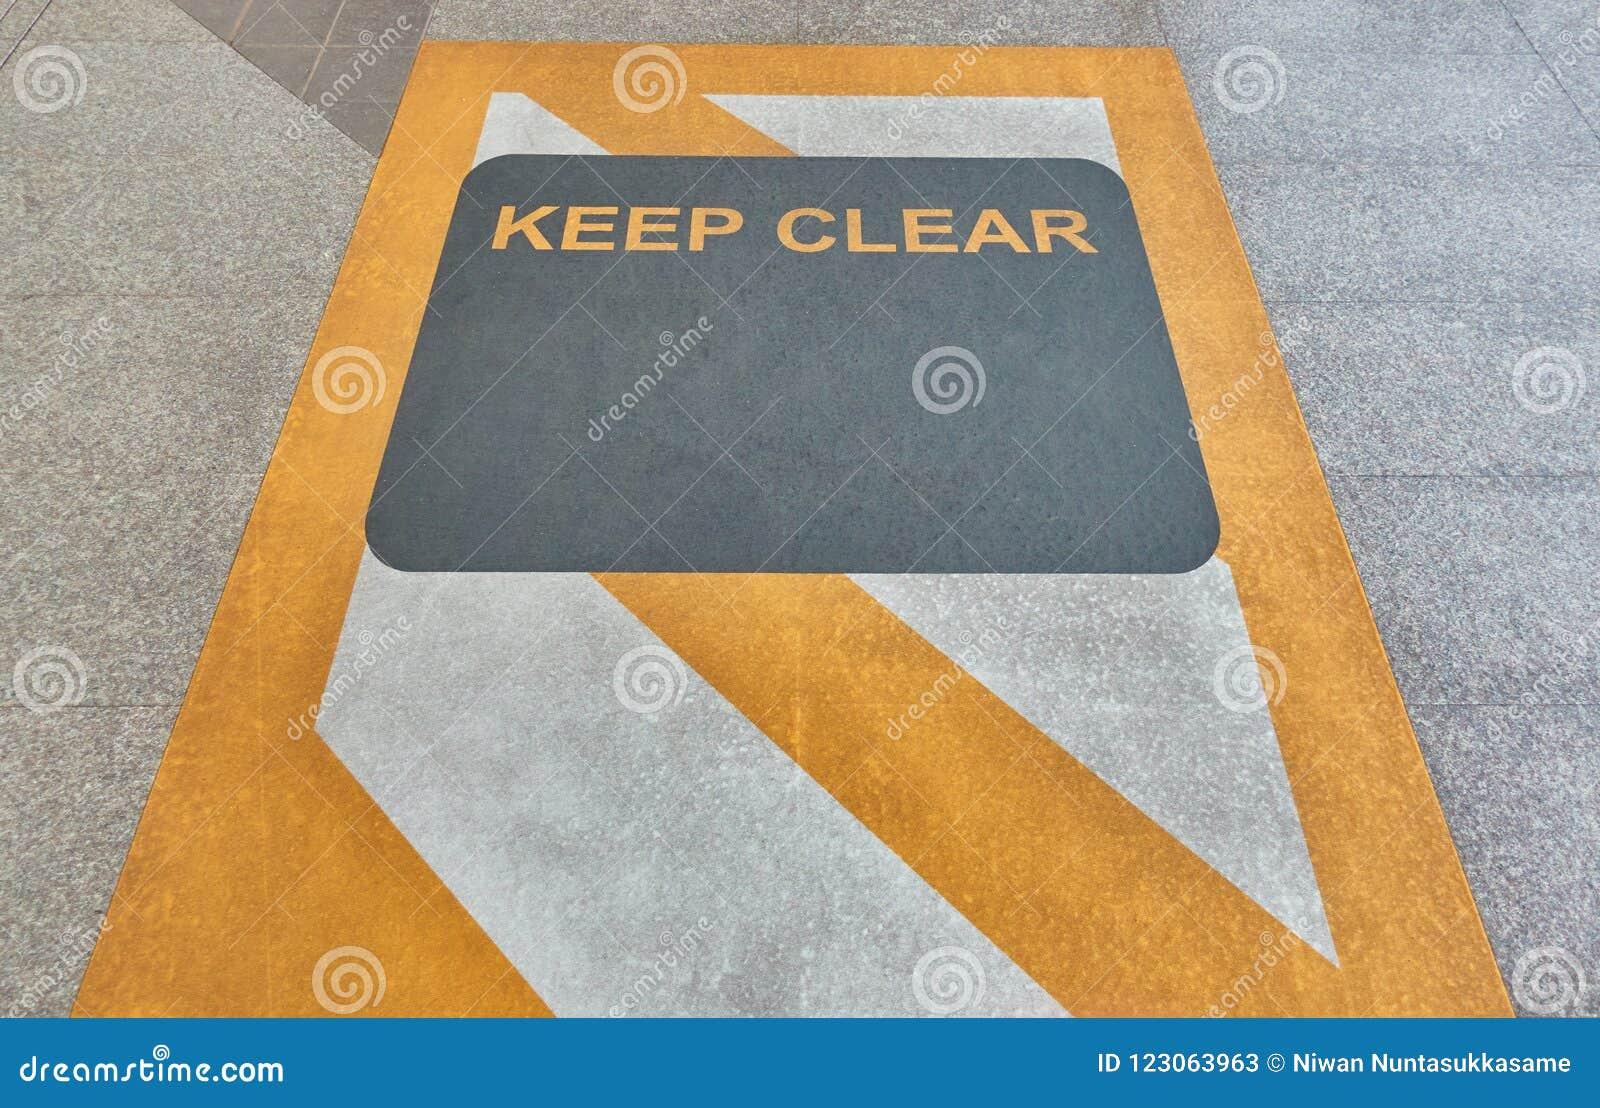 Halten Sie klares Zeichen auf Boden an der Himmelbahnstation